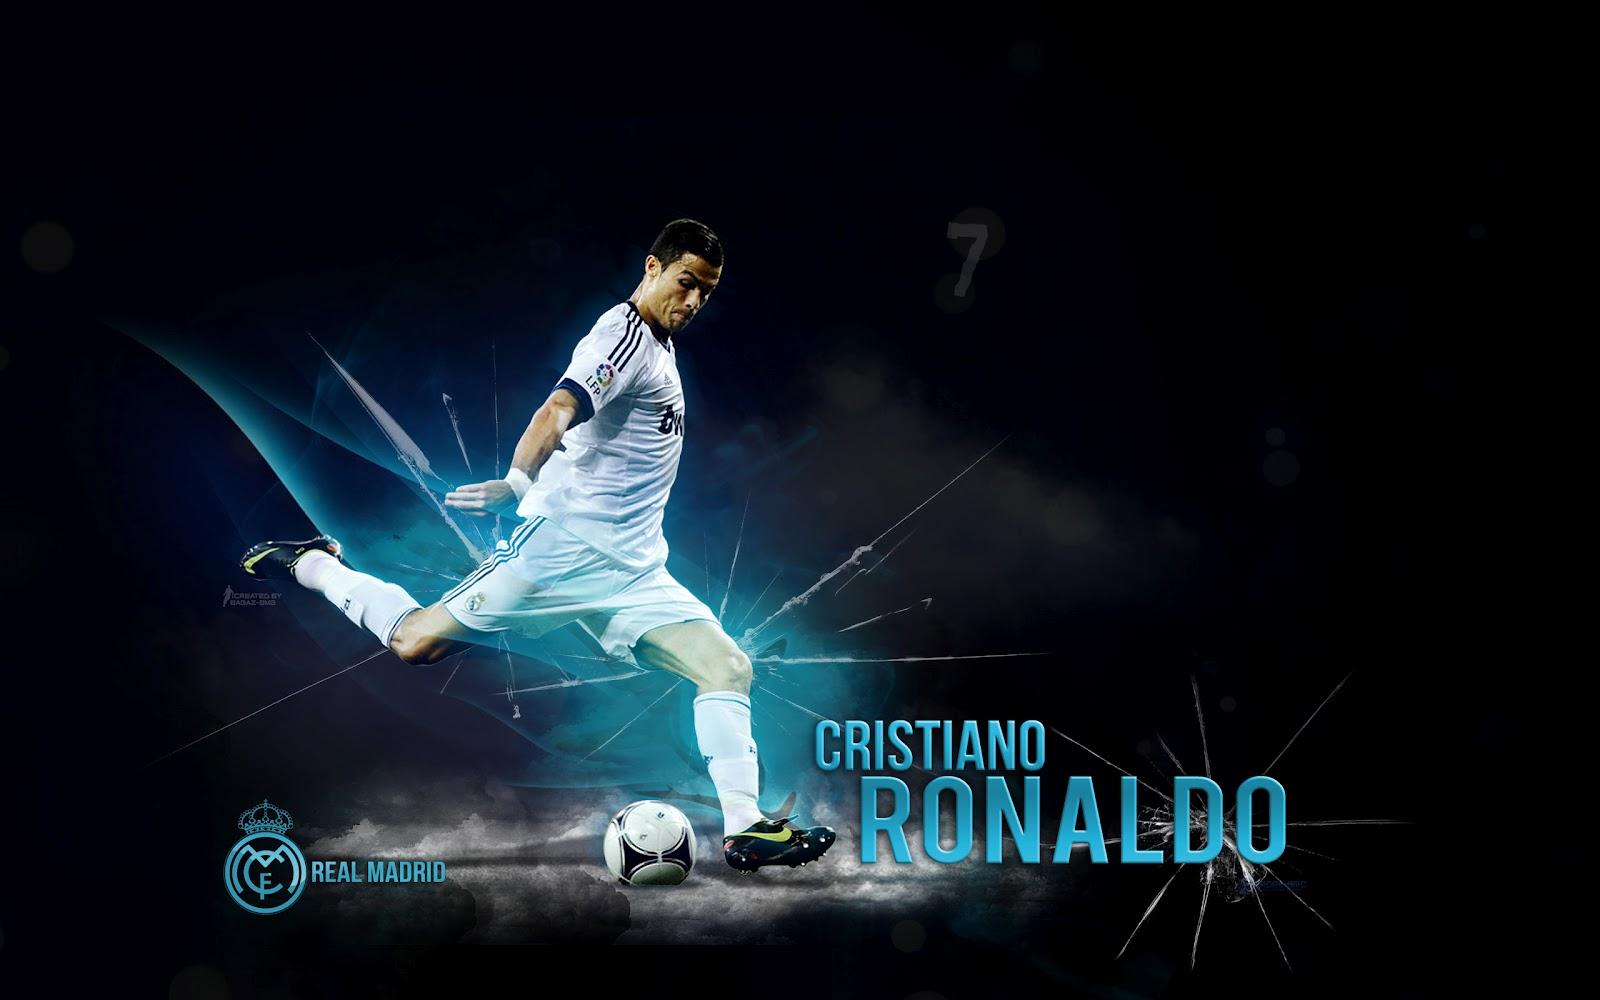 Wallpaper Cristiano Ronaldo Euro 2012 Cristiano Ronaldo fan 1600x1000